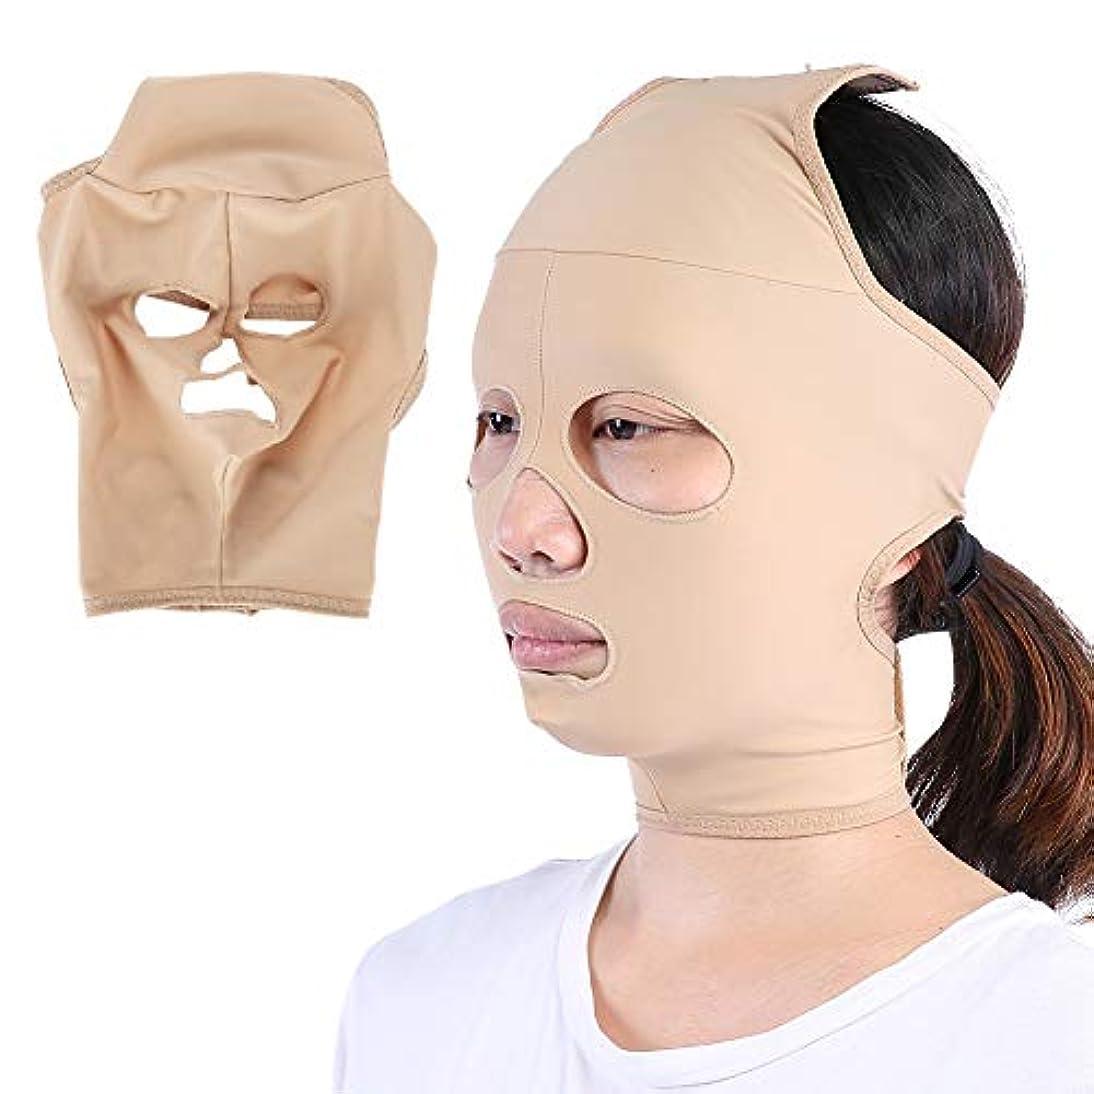 ベアリングサークル直径水族館顔の减量のベルト、完全なカバレッジ 顔のVラインを向上させる 二重顎を減らす二重顎、スキンケア包帯(L)